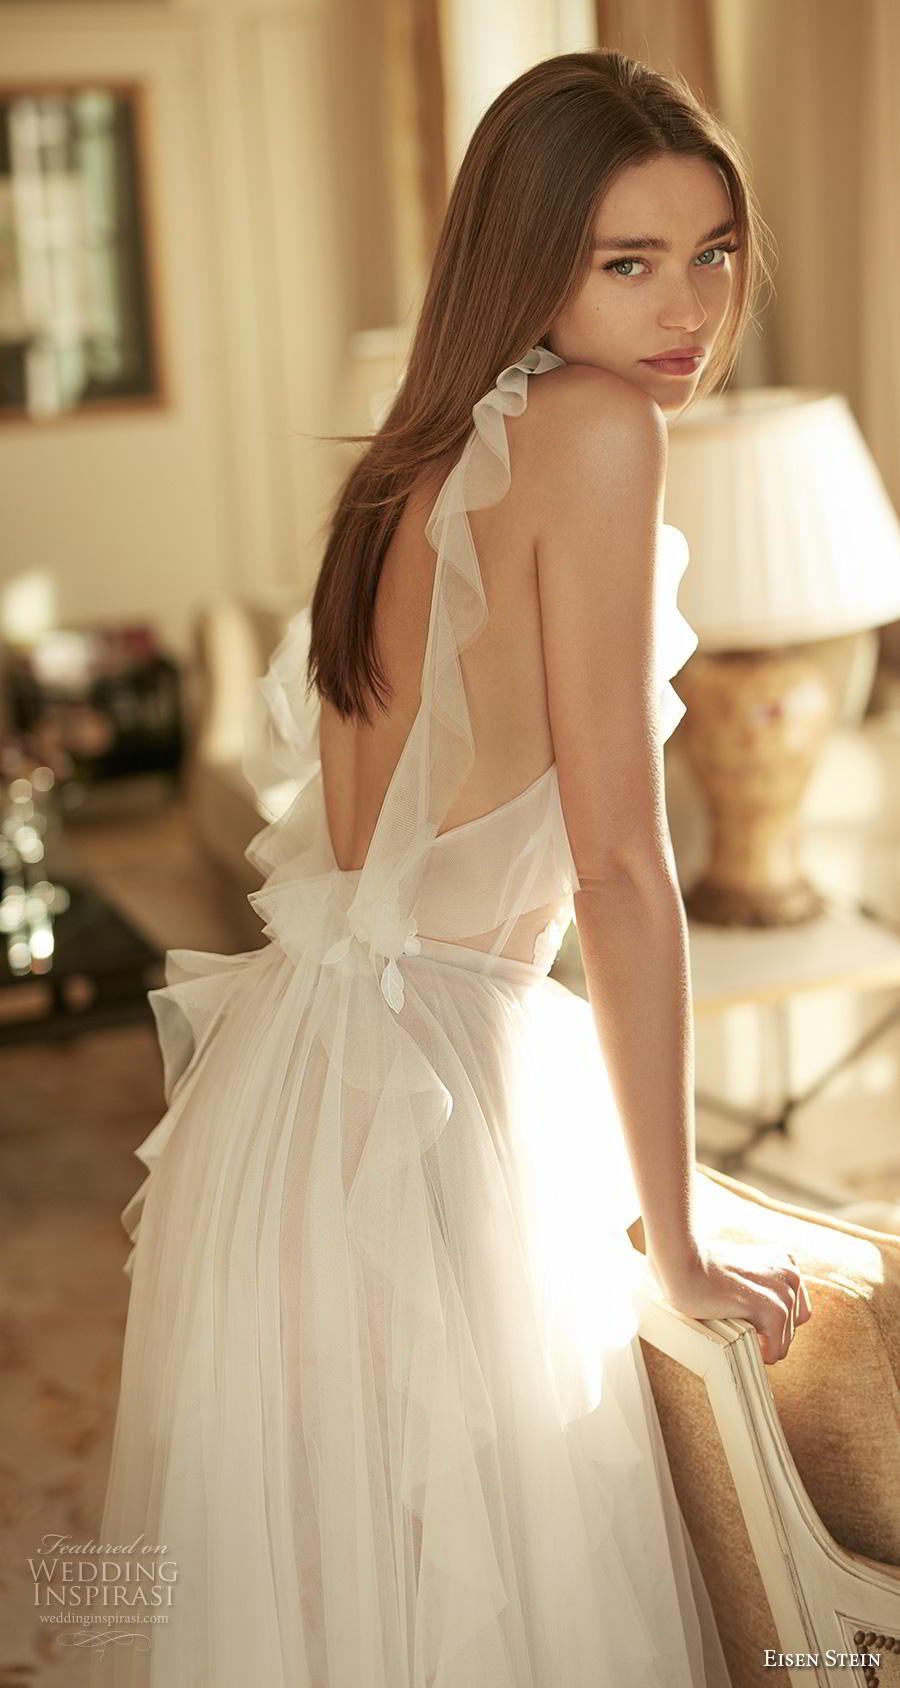 eisen stein fall 2020 bridal sleeveless halter neck heavily embellished sheer bodice tulle skirt romantic soft a  line wedding dress backless medium train (7) bv